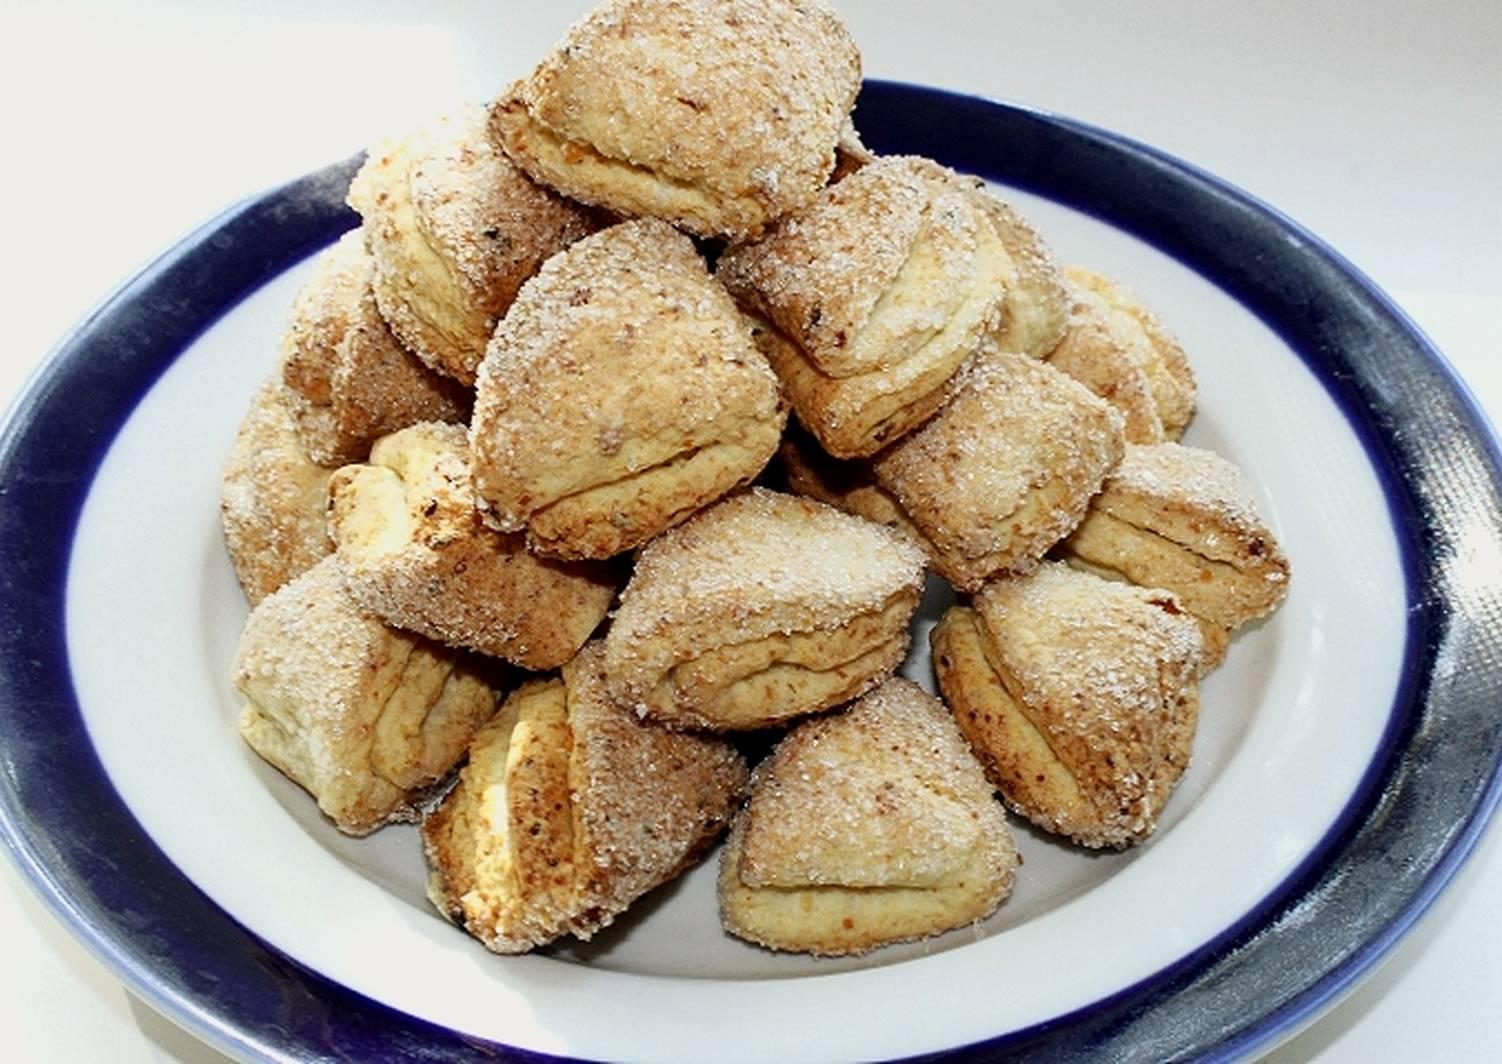 города великобритании тесто для творожного печенья рецепт с фото нанесения запрещенные приемы